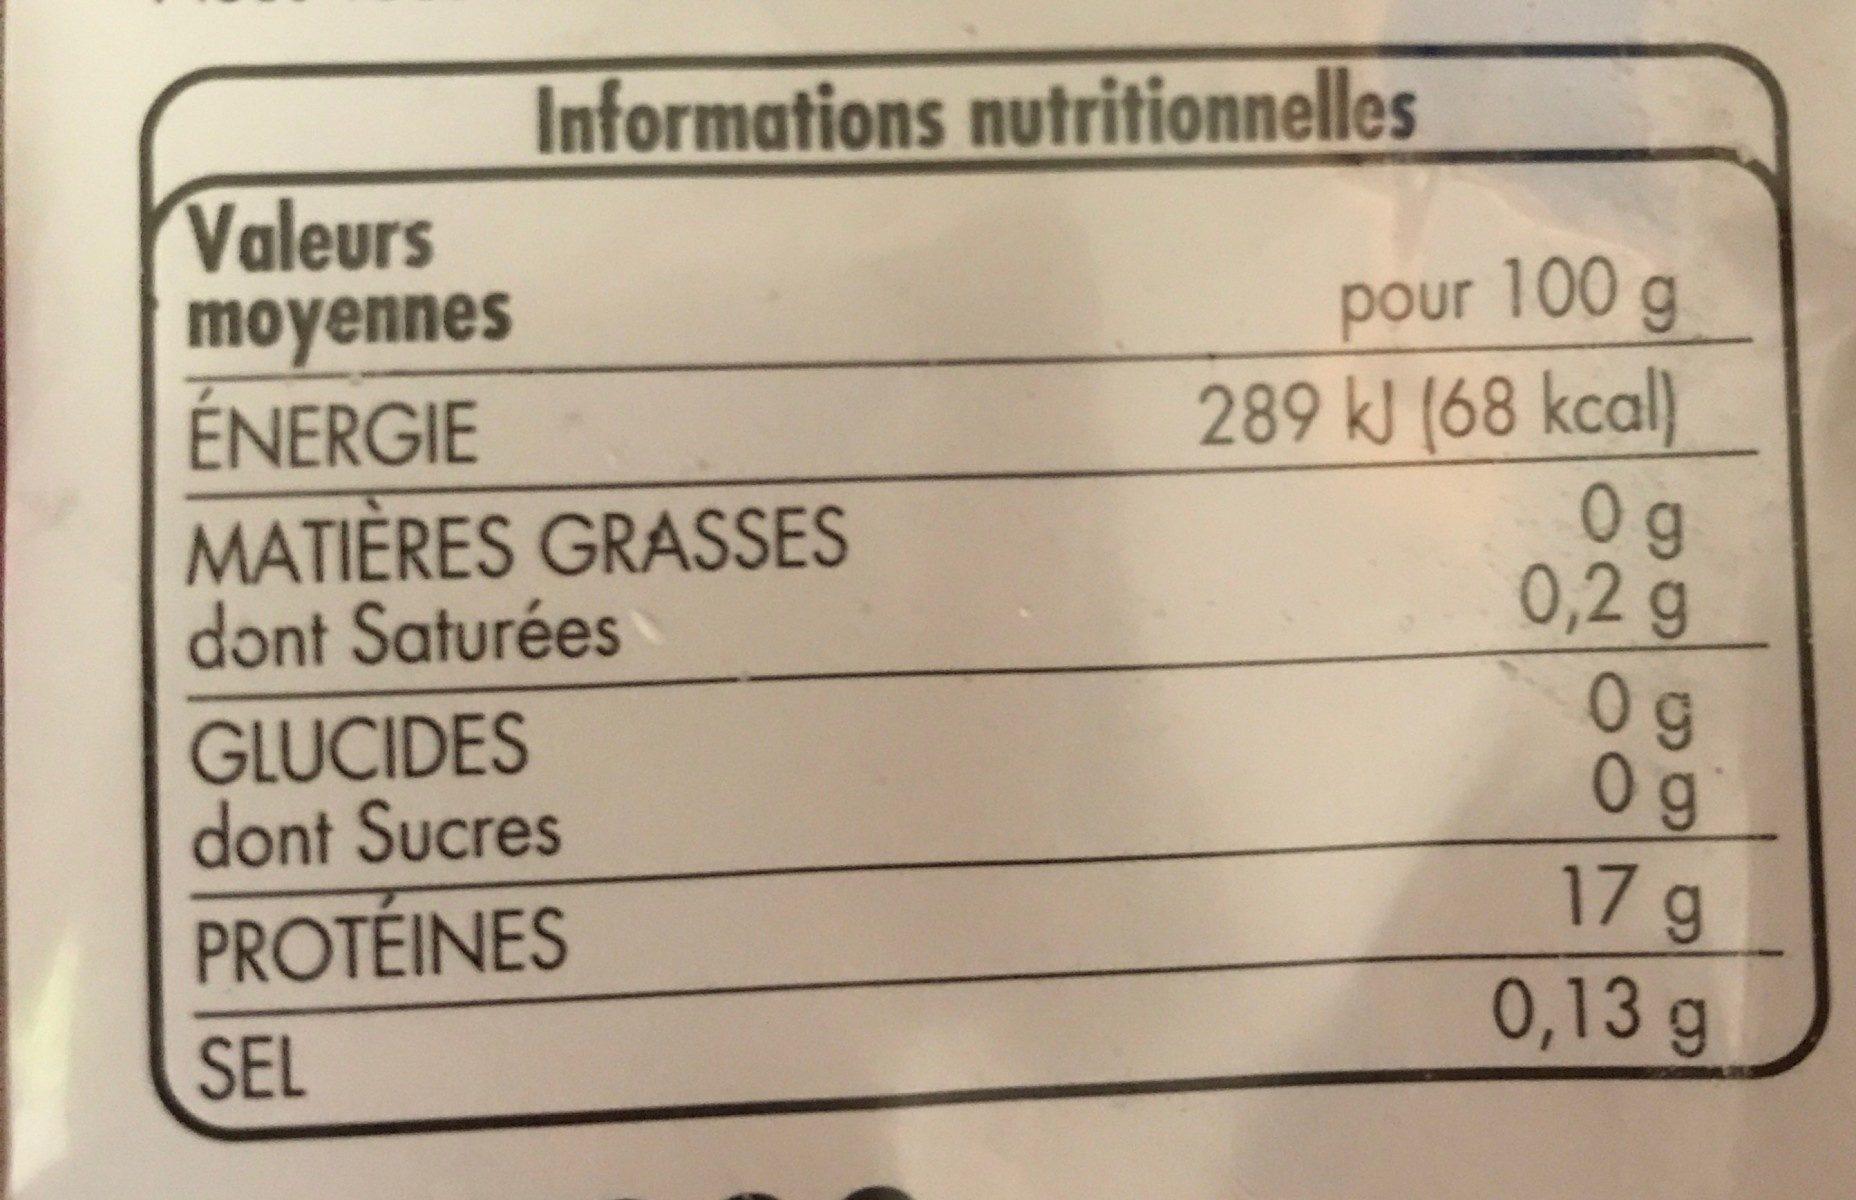 Filets de cabillaud (gadus macrocephalus) surgelés sachet - Nutrition facts